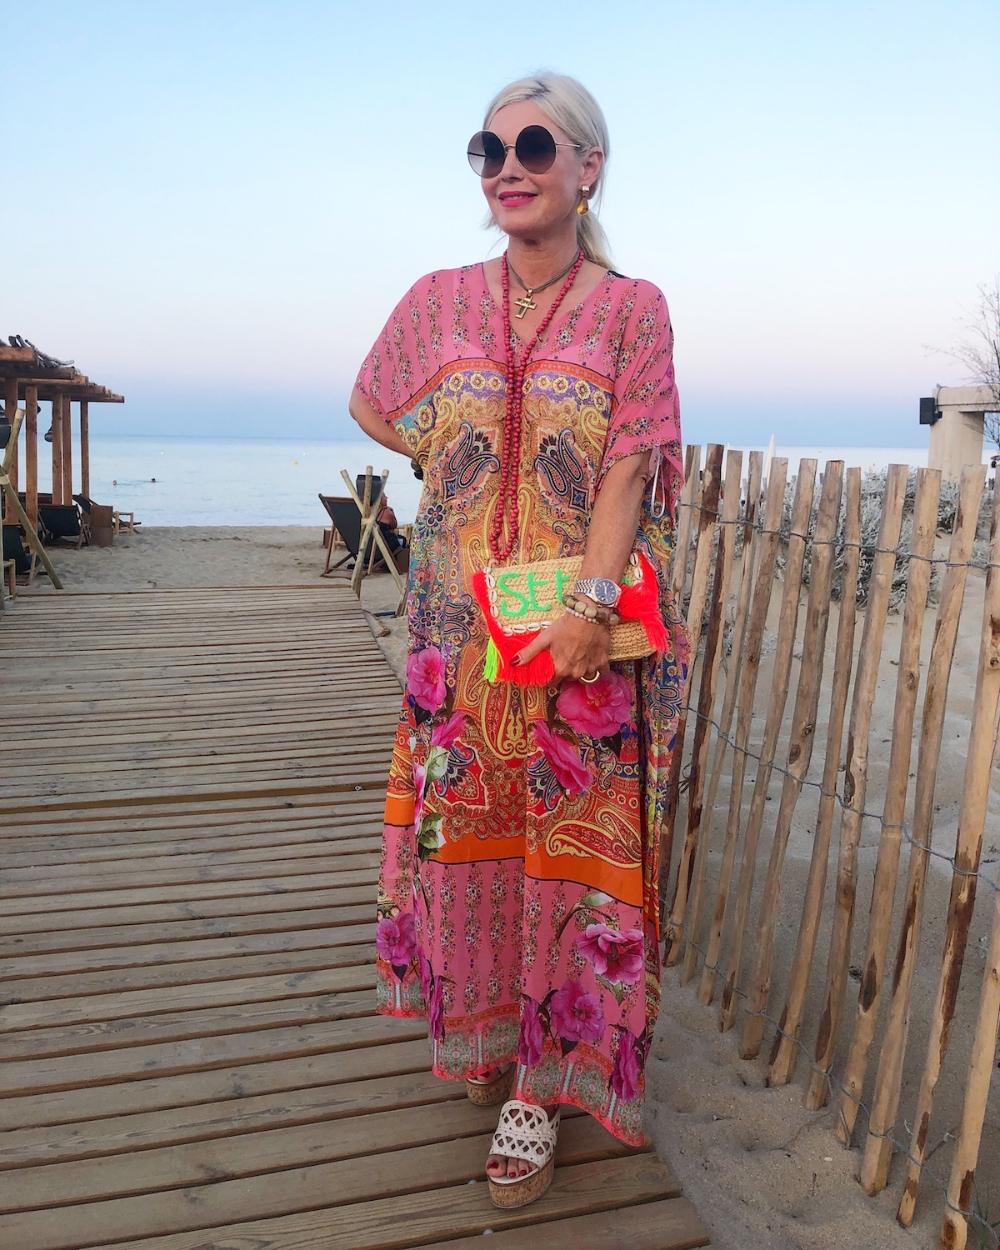 Fashion & Lifestyle - 10 verschiedene Looks ...